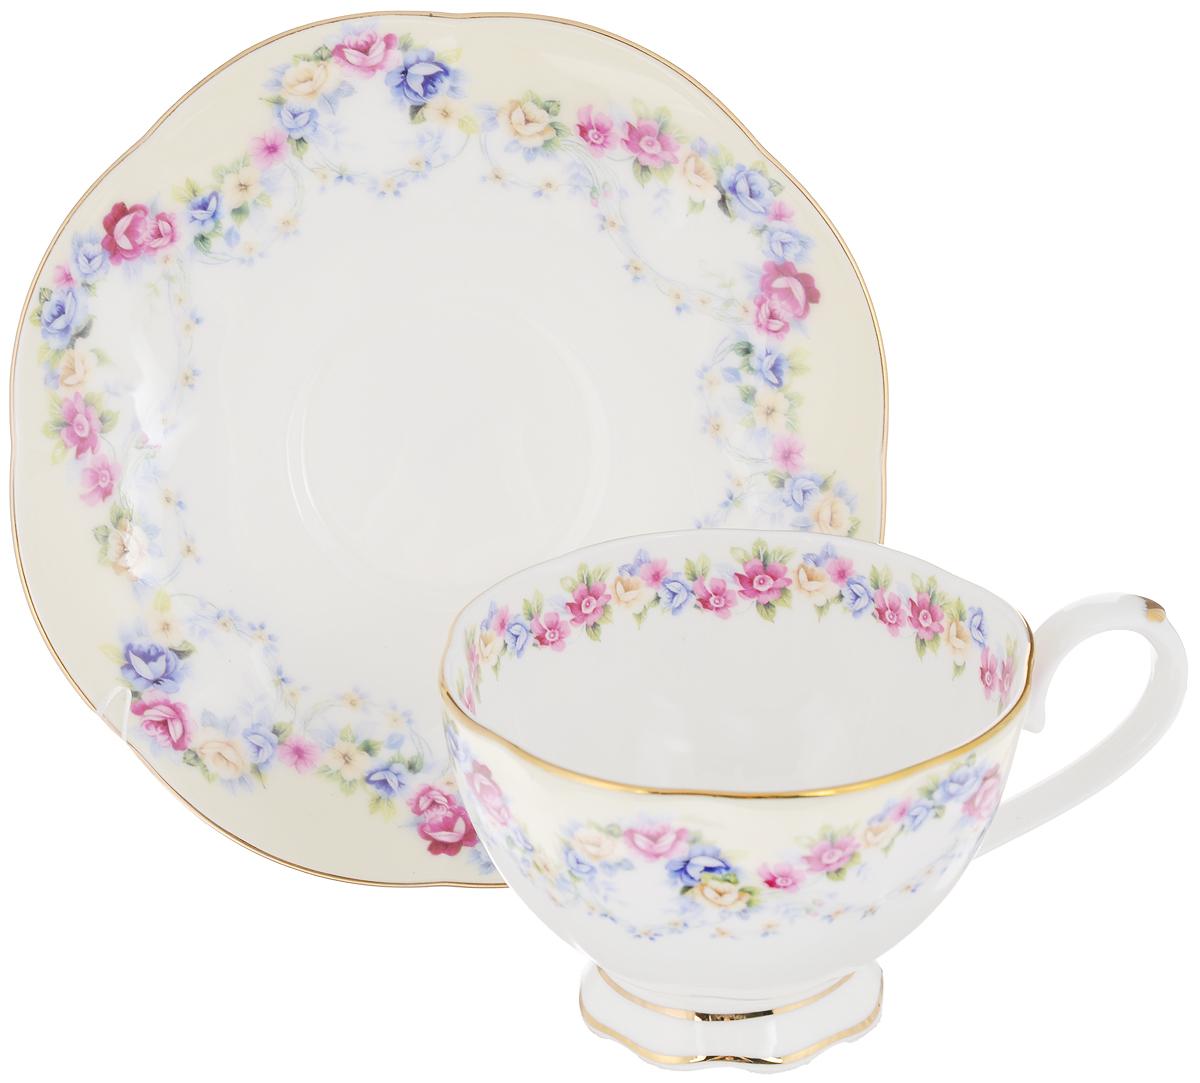 Чайная пара Elan Gallery Гирлянда из роз, 2 предмета115510Чайная пара Elan Gallery Гирлянда из роз состоит из чашки и блюдца, изготовленных из керамики высшего качества, отличающегося необыкновенной прочностью и небольшим весом. Яркий дизайн, несомненно, придется вам по вкусу.Чайная пара Elan Gallery Гирлянда из роз украсит ваш кухонный стол, а также станет замечательным подарком к любому празднику.Не рекомендуется применять абразивные моющие средства. Не использовать в микроволновой печи.Объем чашки: 250 мл.Диаметр чашки (по верхнему краю): 10 см.Высота чашки: 7 см.Диаметр блюдца: 16 см.Высота блюдца: 2,2 см.